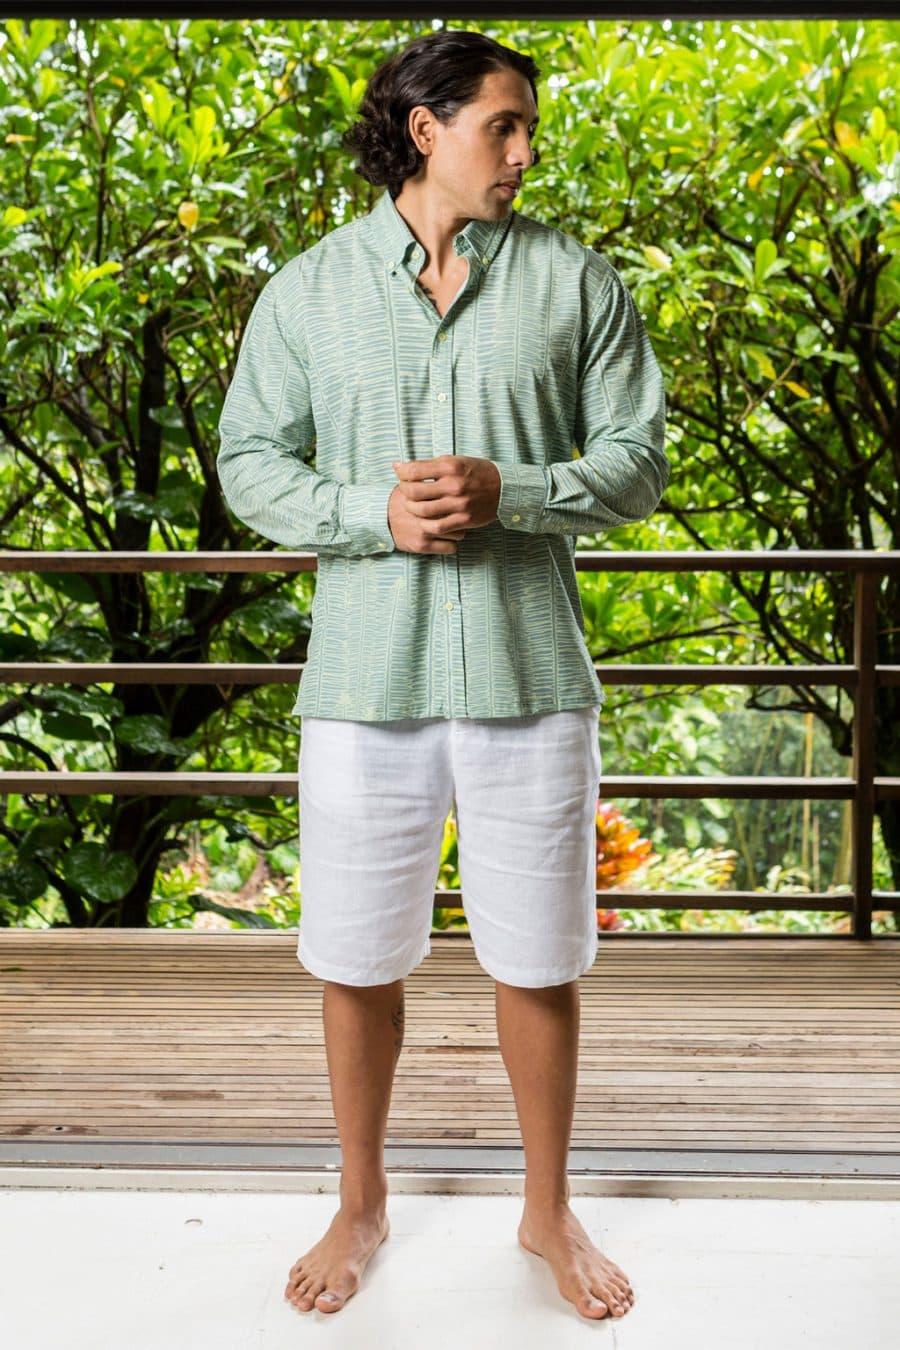 Male Model Wearing Mahalo Shirt in Lily Pad Margarita Kupukupu Pattern